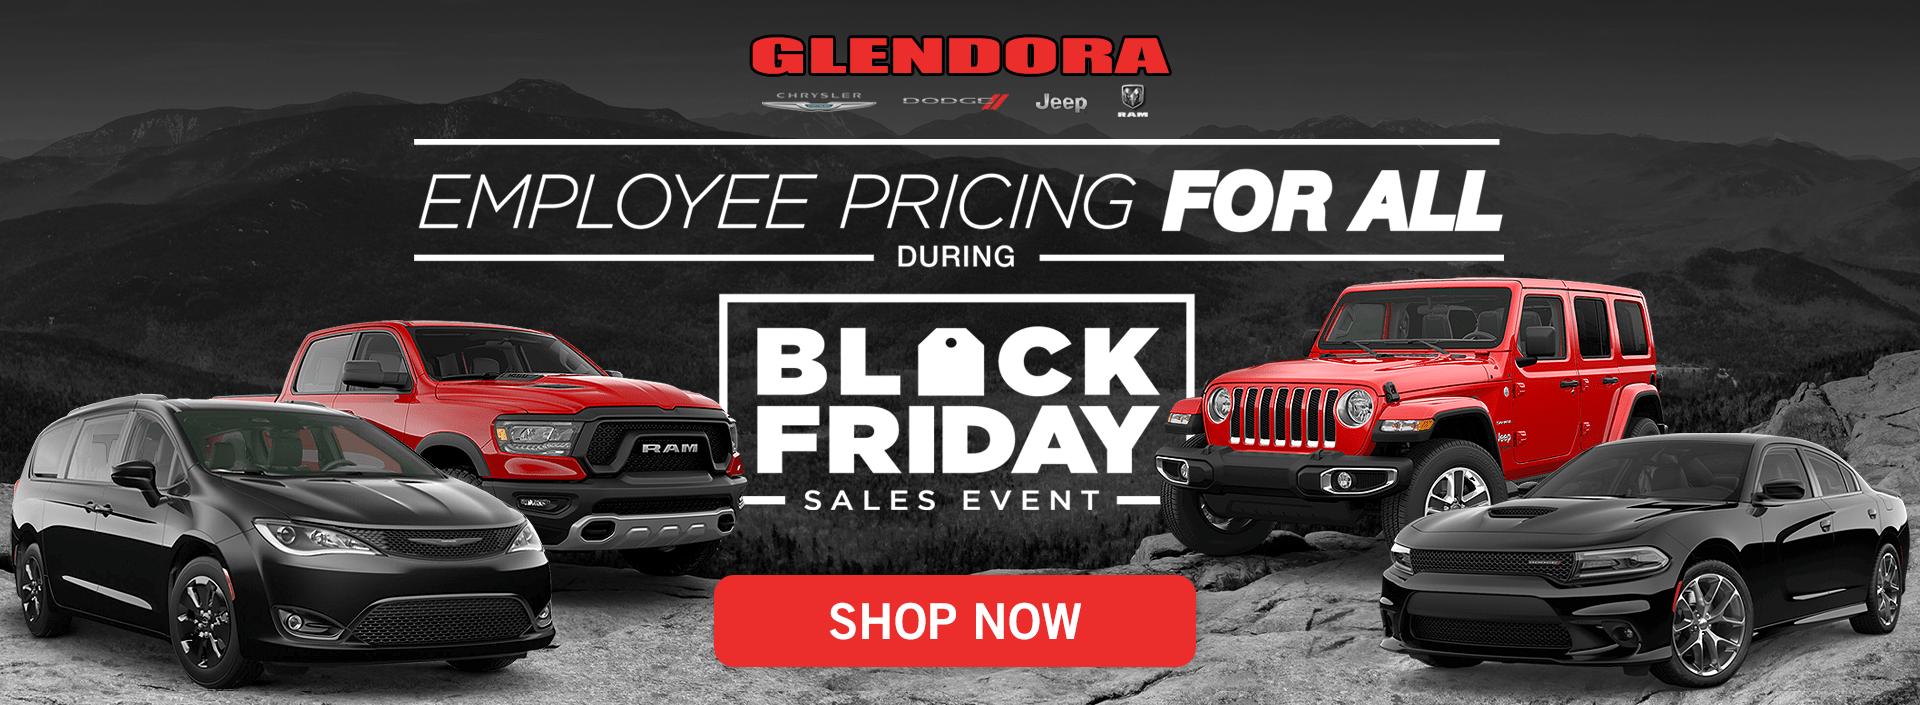 Chrysler Dodge Jeep Ram Black Friday Deals